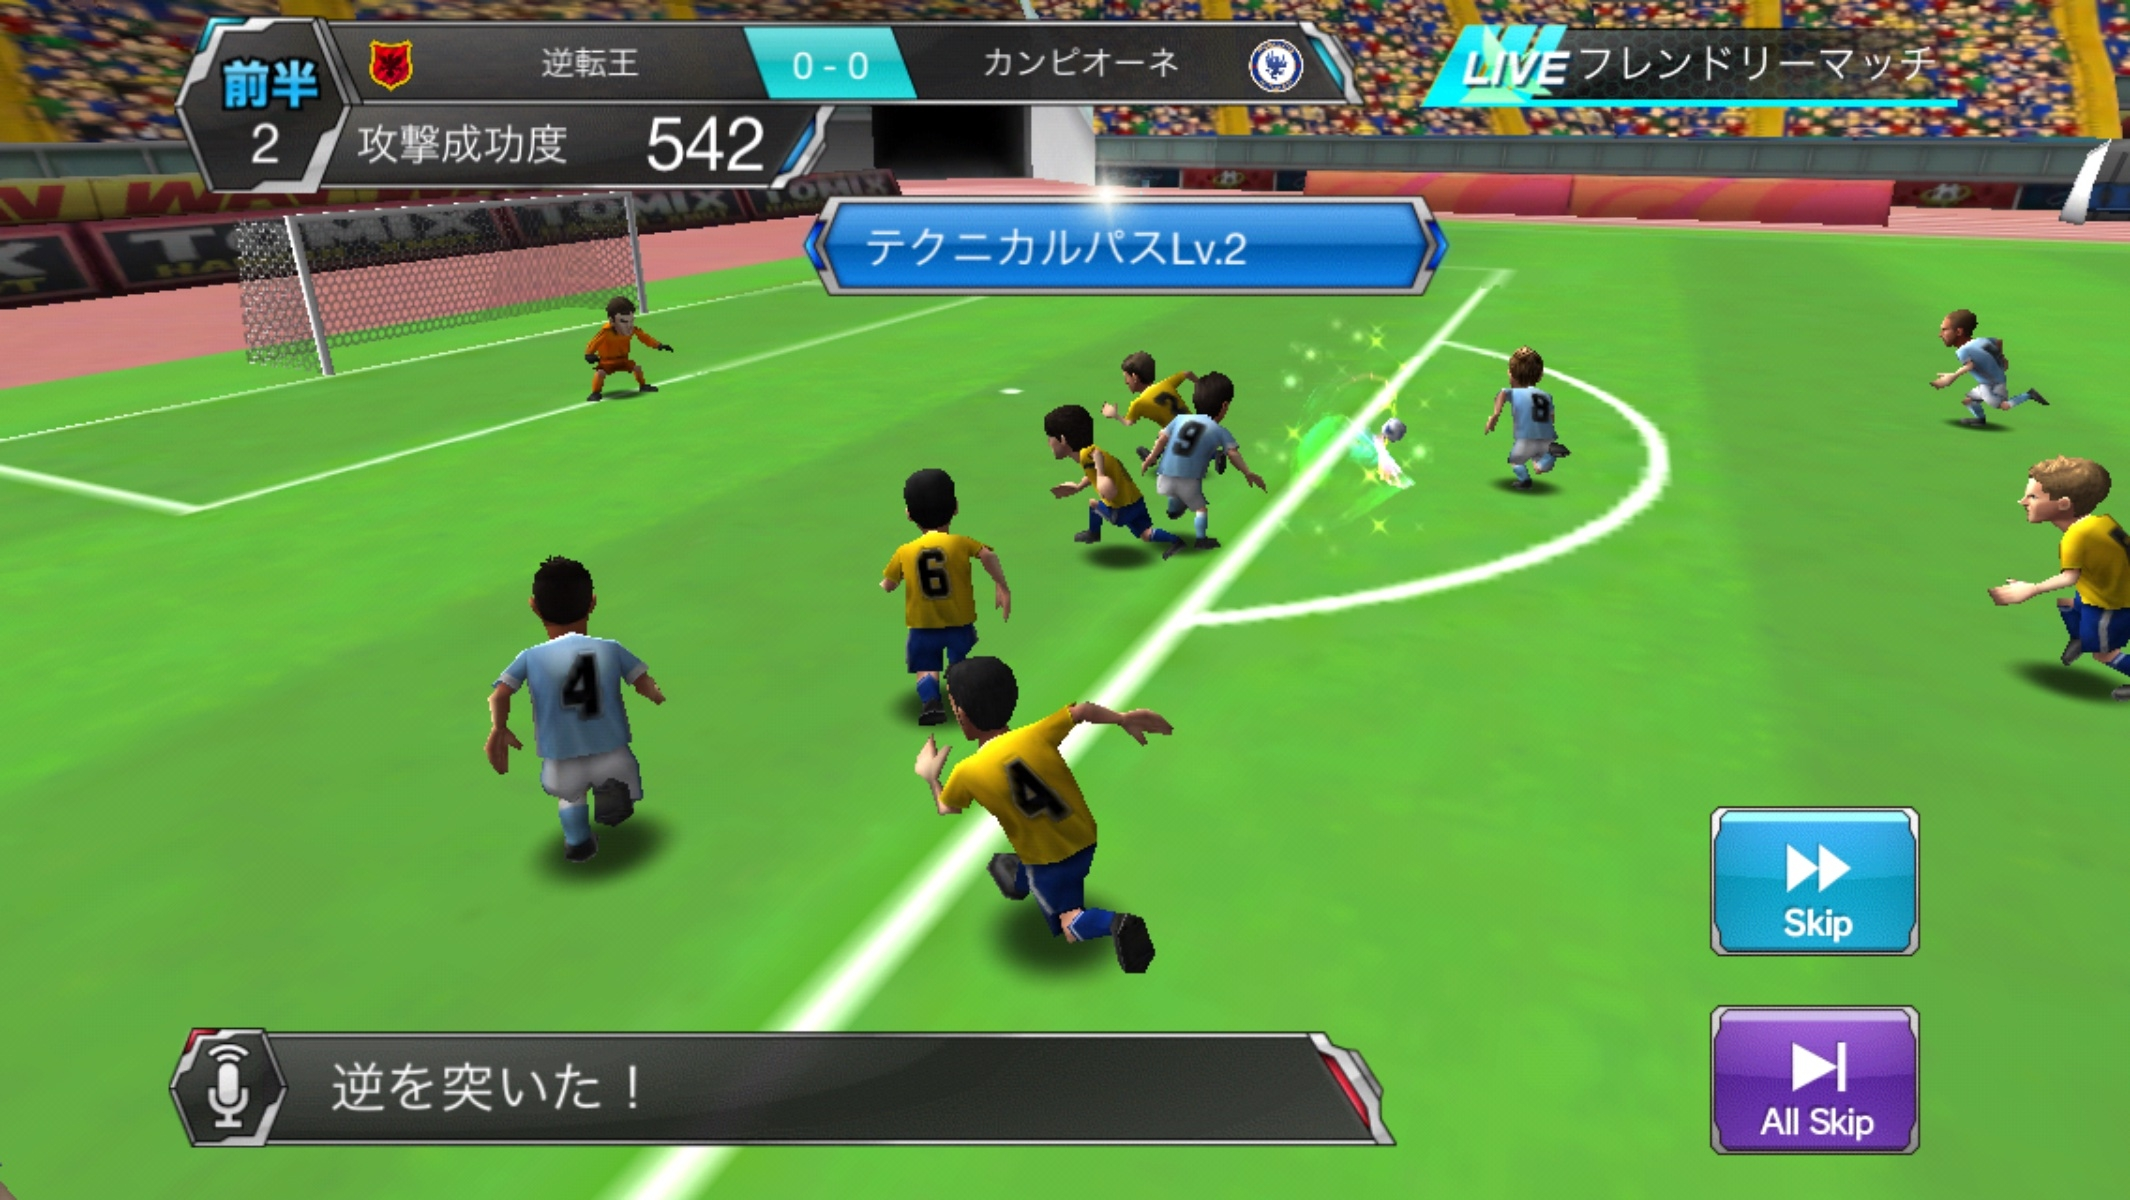 「BFB2015-サッカー育成ゲーム」マンチェスター・シティFCとのコラボを実施「BFB2015-サッカー育成ゲーム」マンチェスター・シティFCとのコラボを実施